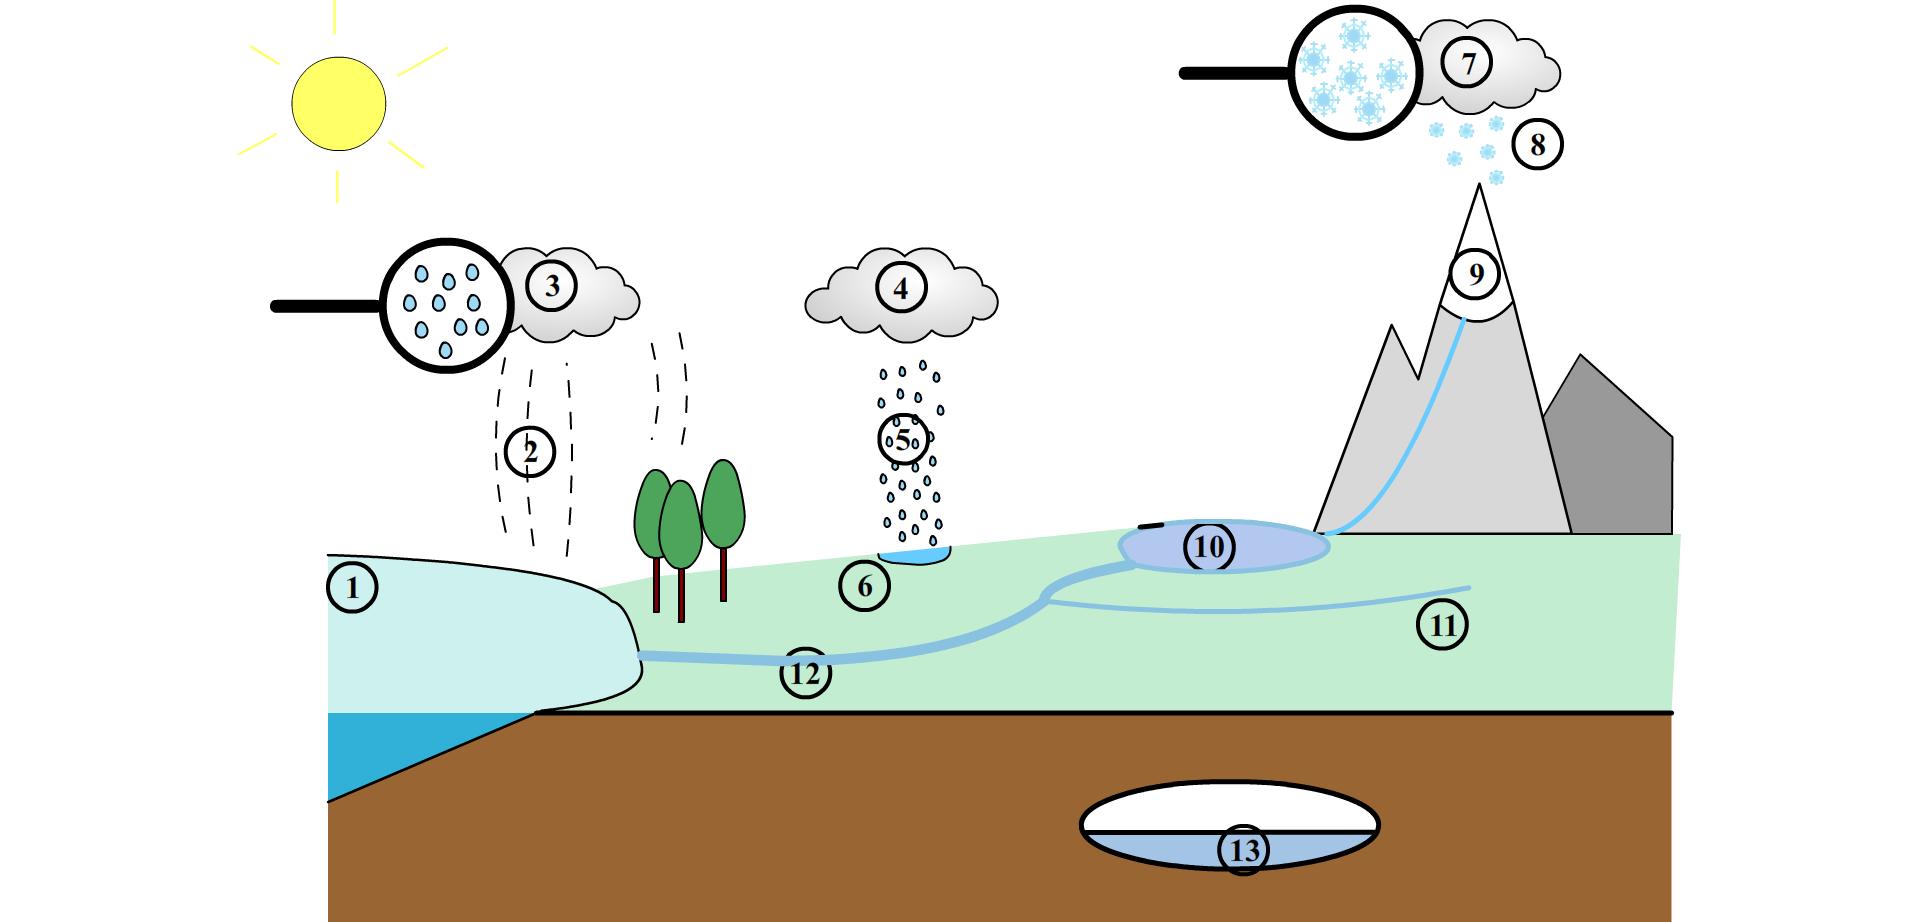 Les changements d état dans la nature   le cycle de l eau   Cours 7e223f9c9212